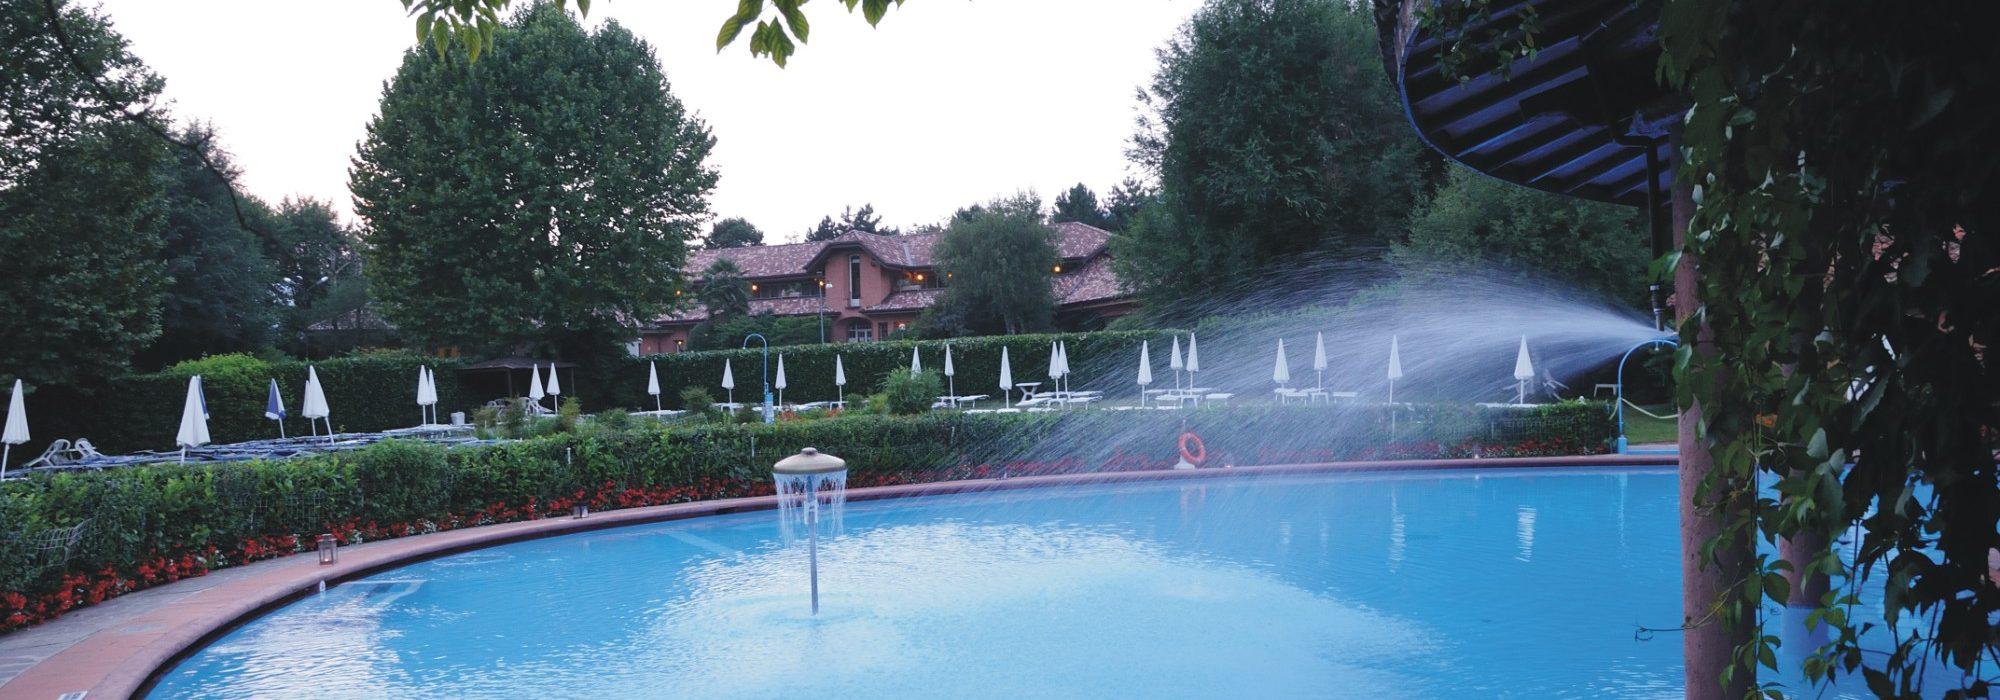 Piscina giochi d 39 acqua banner la casupola - Bosisio parini piscina ...